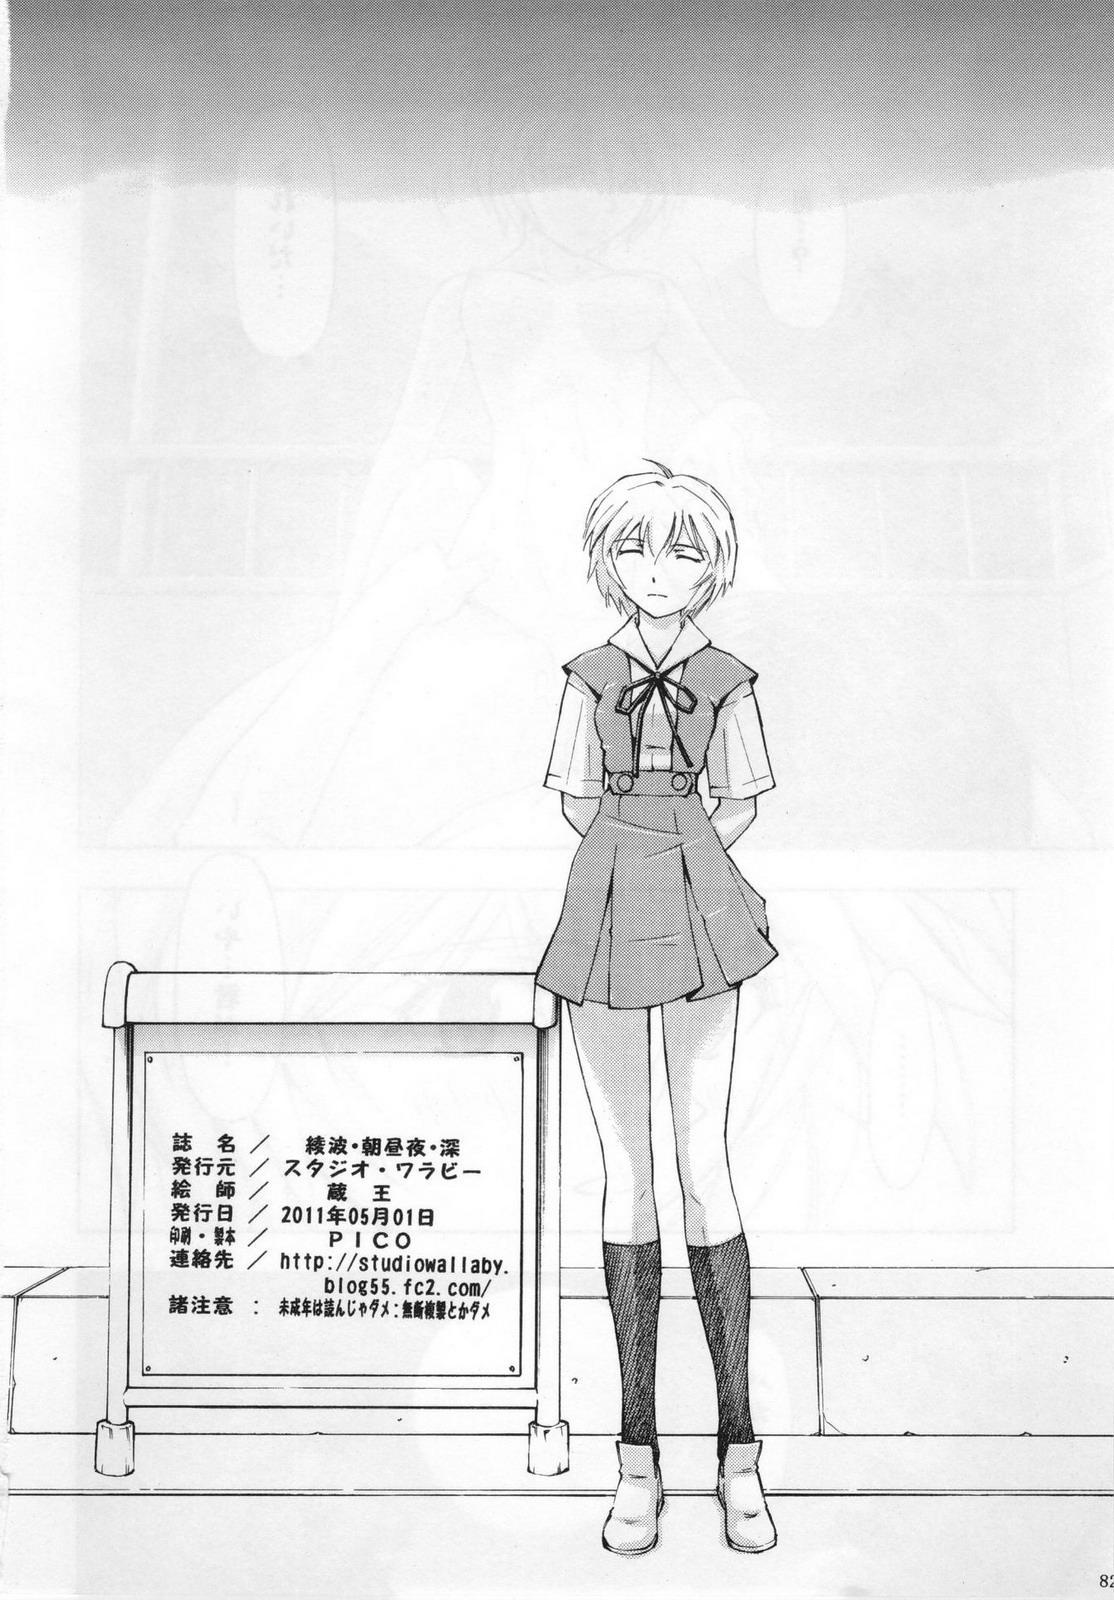 (COMIC1☆5) [Studio Wallaby (Kura Oh)]  Ayanami - Asa Hiru Yoru - Shin (Neon Genesis Evangelion) 80